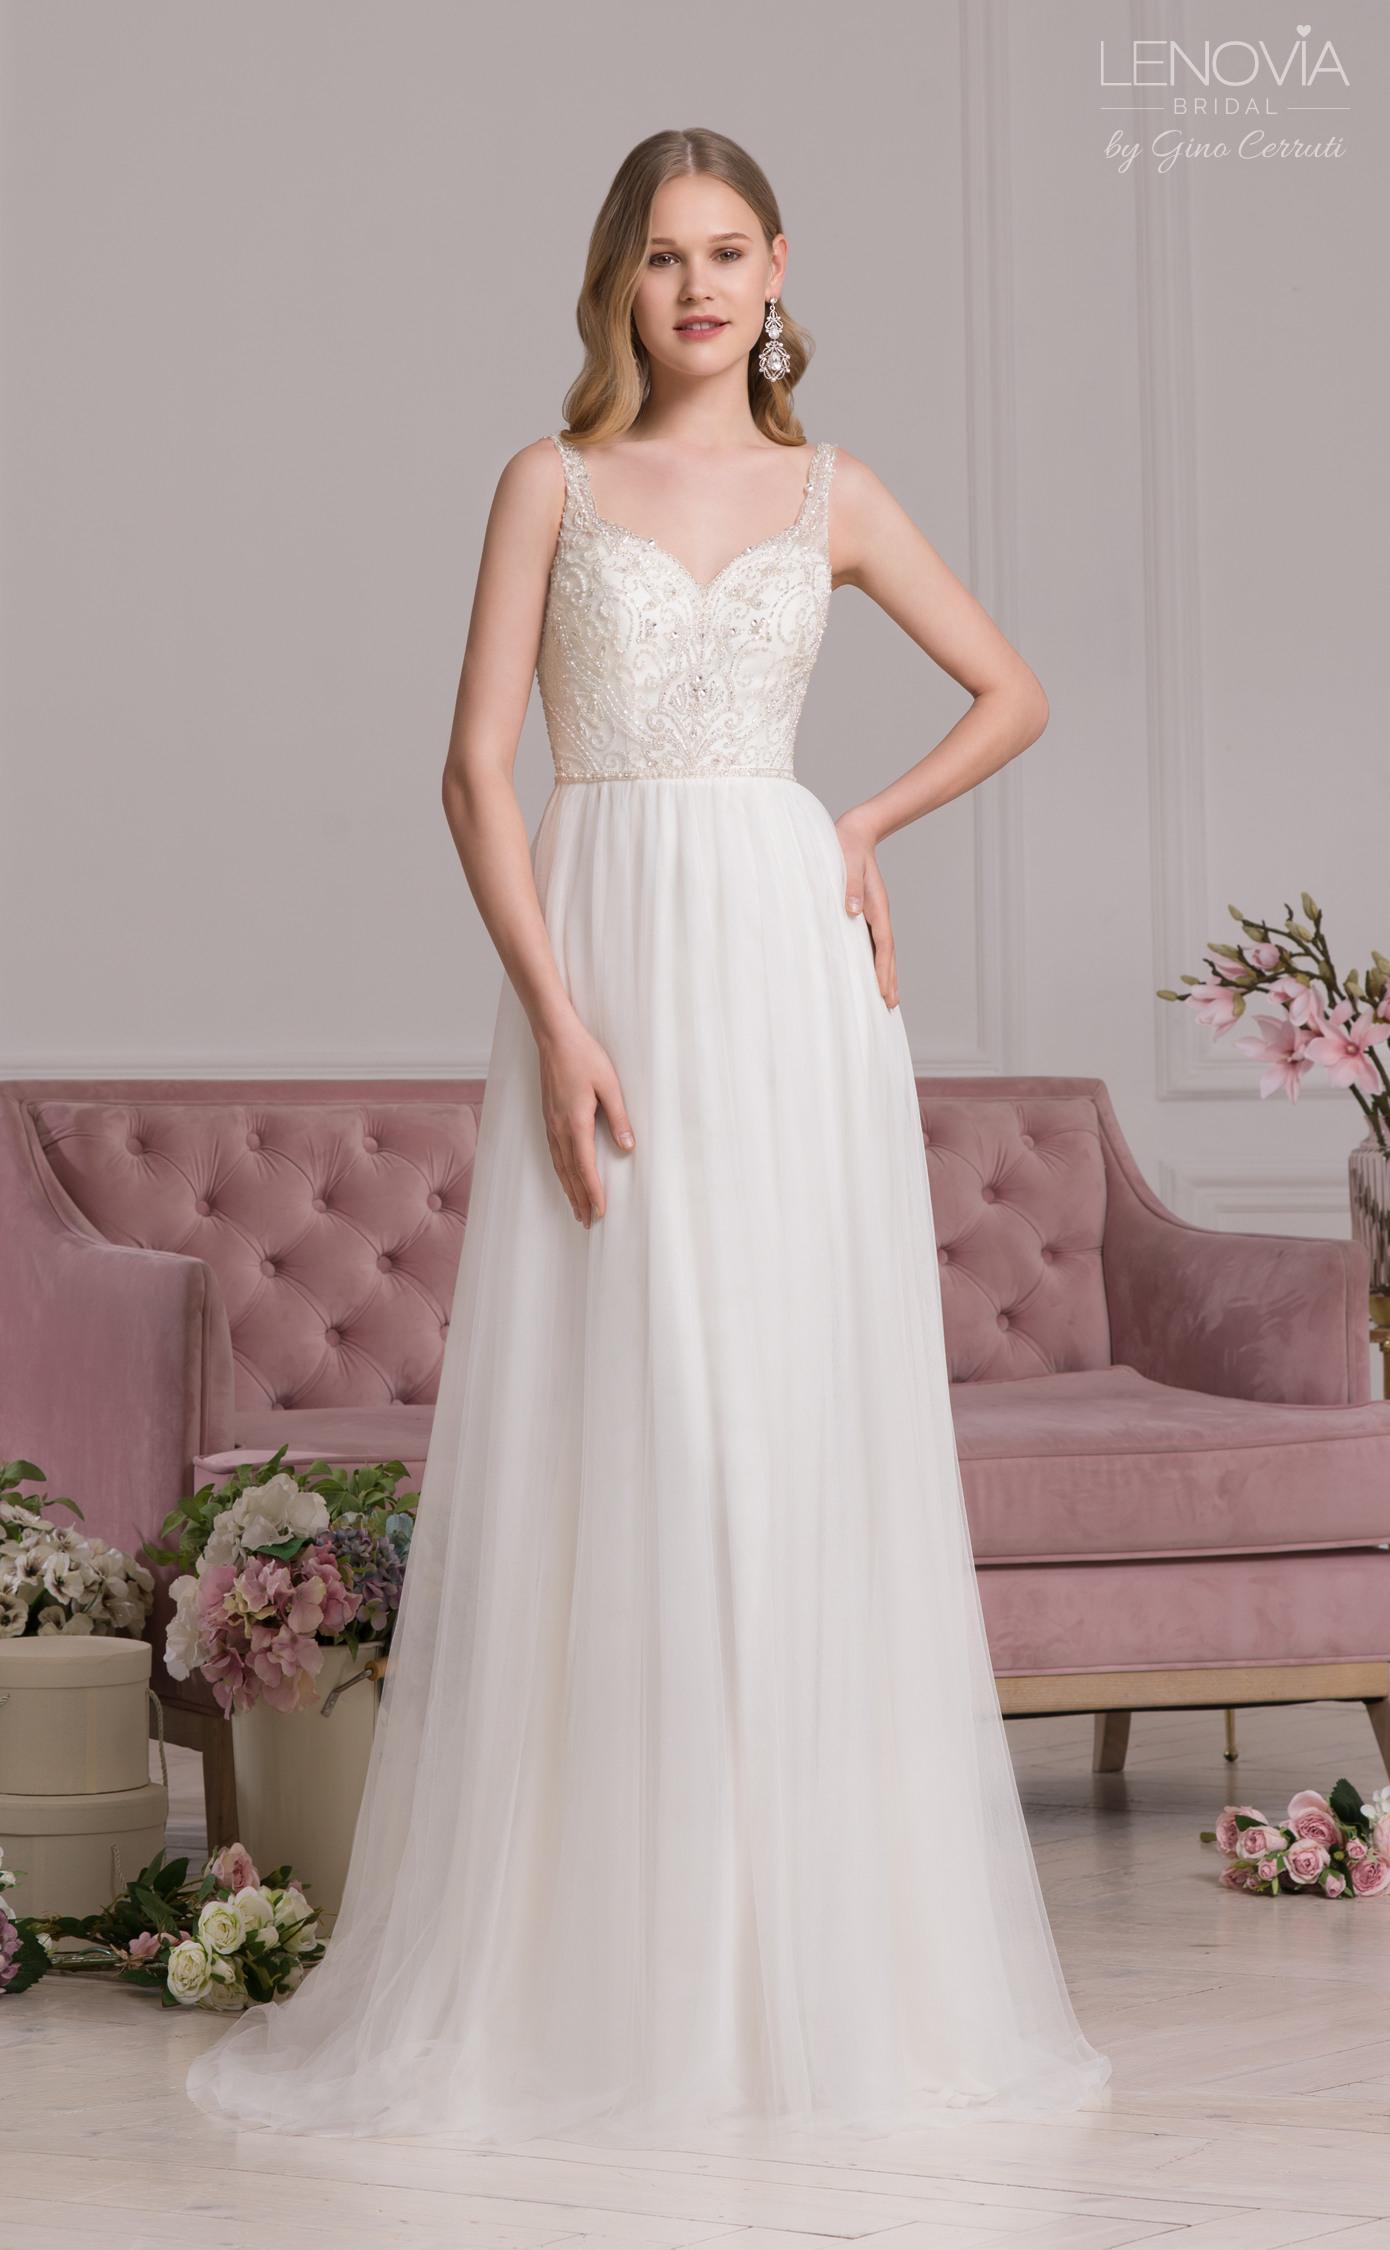 Hochzeitskleid Jette  Samyra Fashion